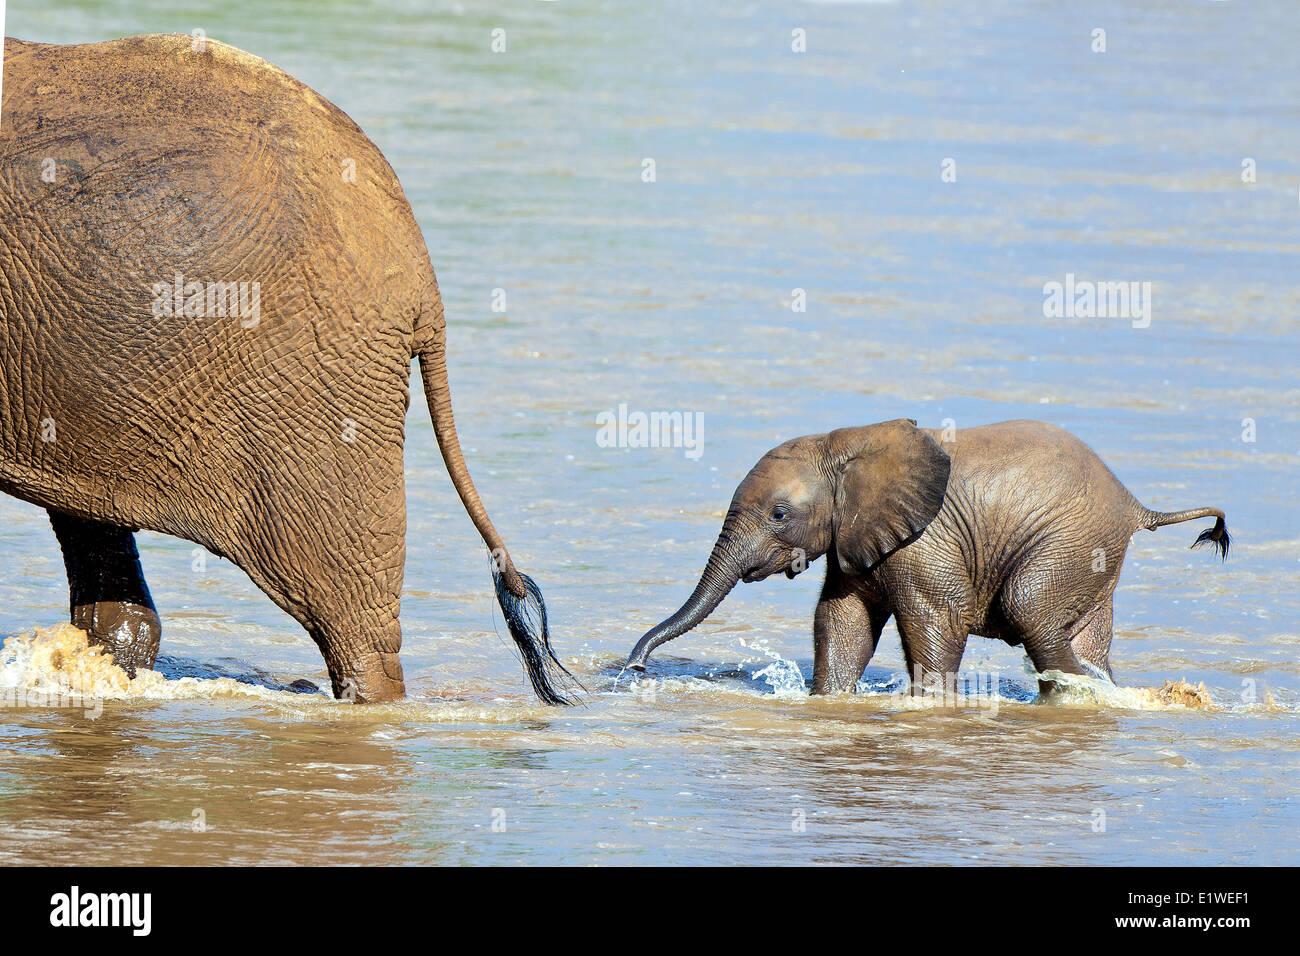 L'éléphant de savane d'Afrique (Loxodonta africana) traverser la rivière Ewaso Ng'iro, Photo Stock